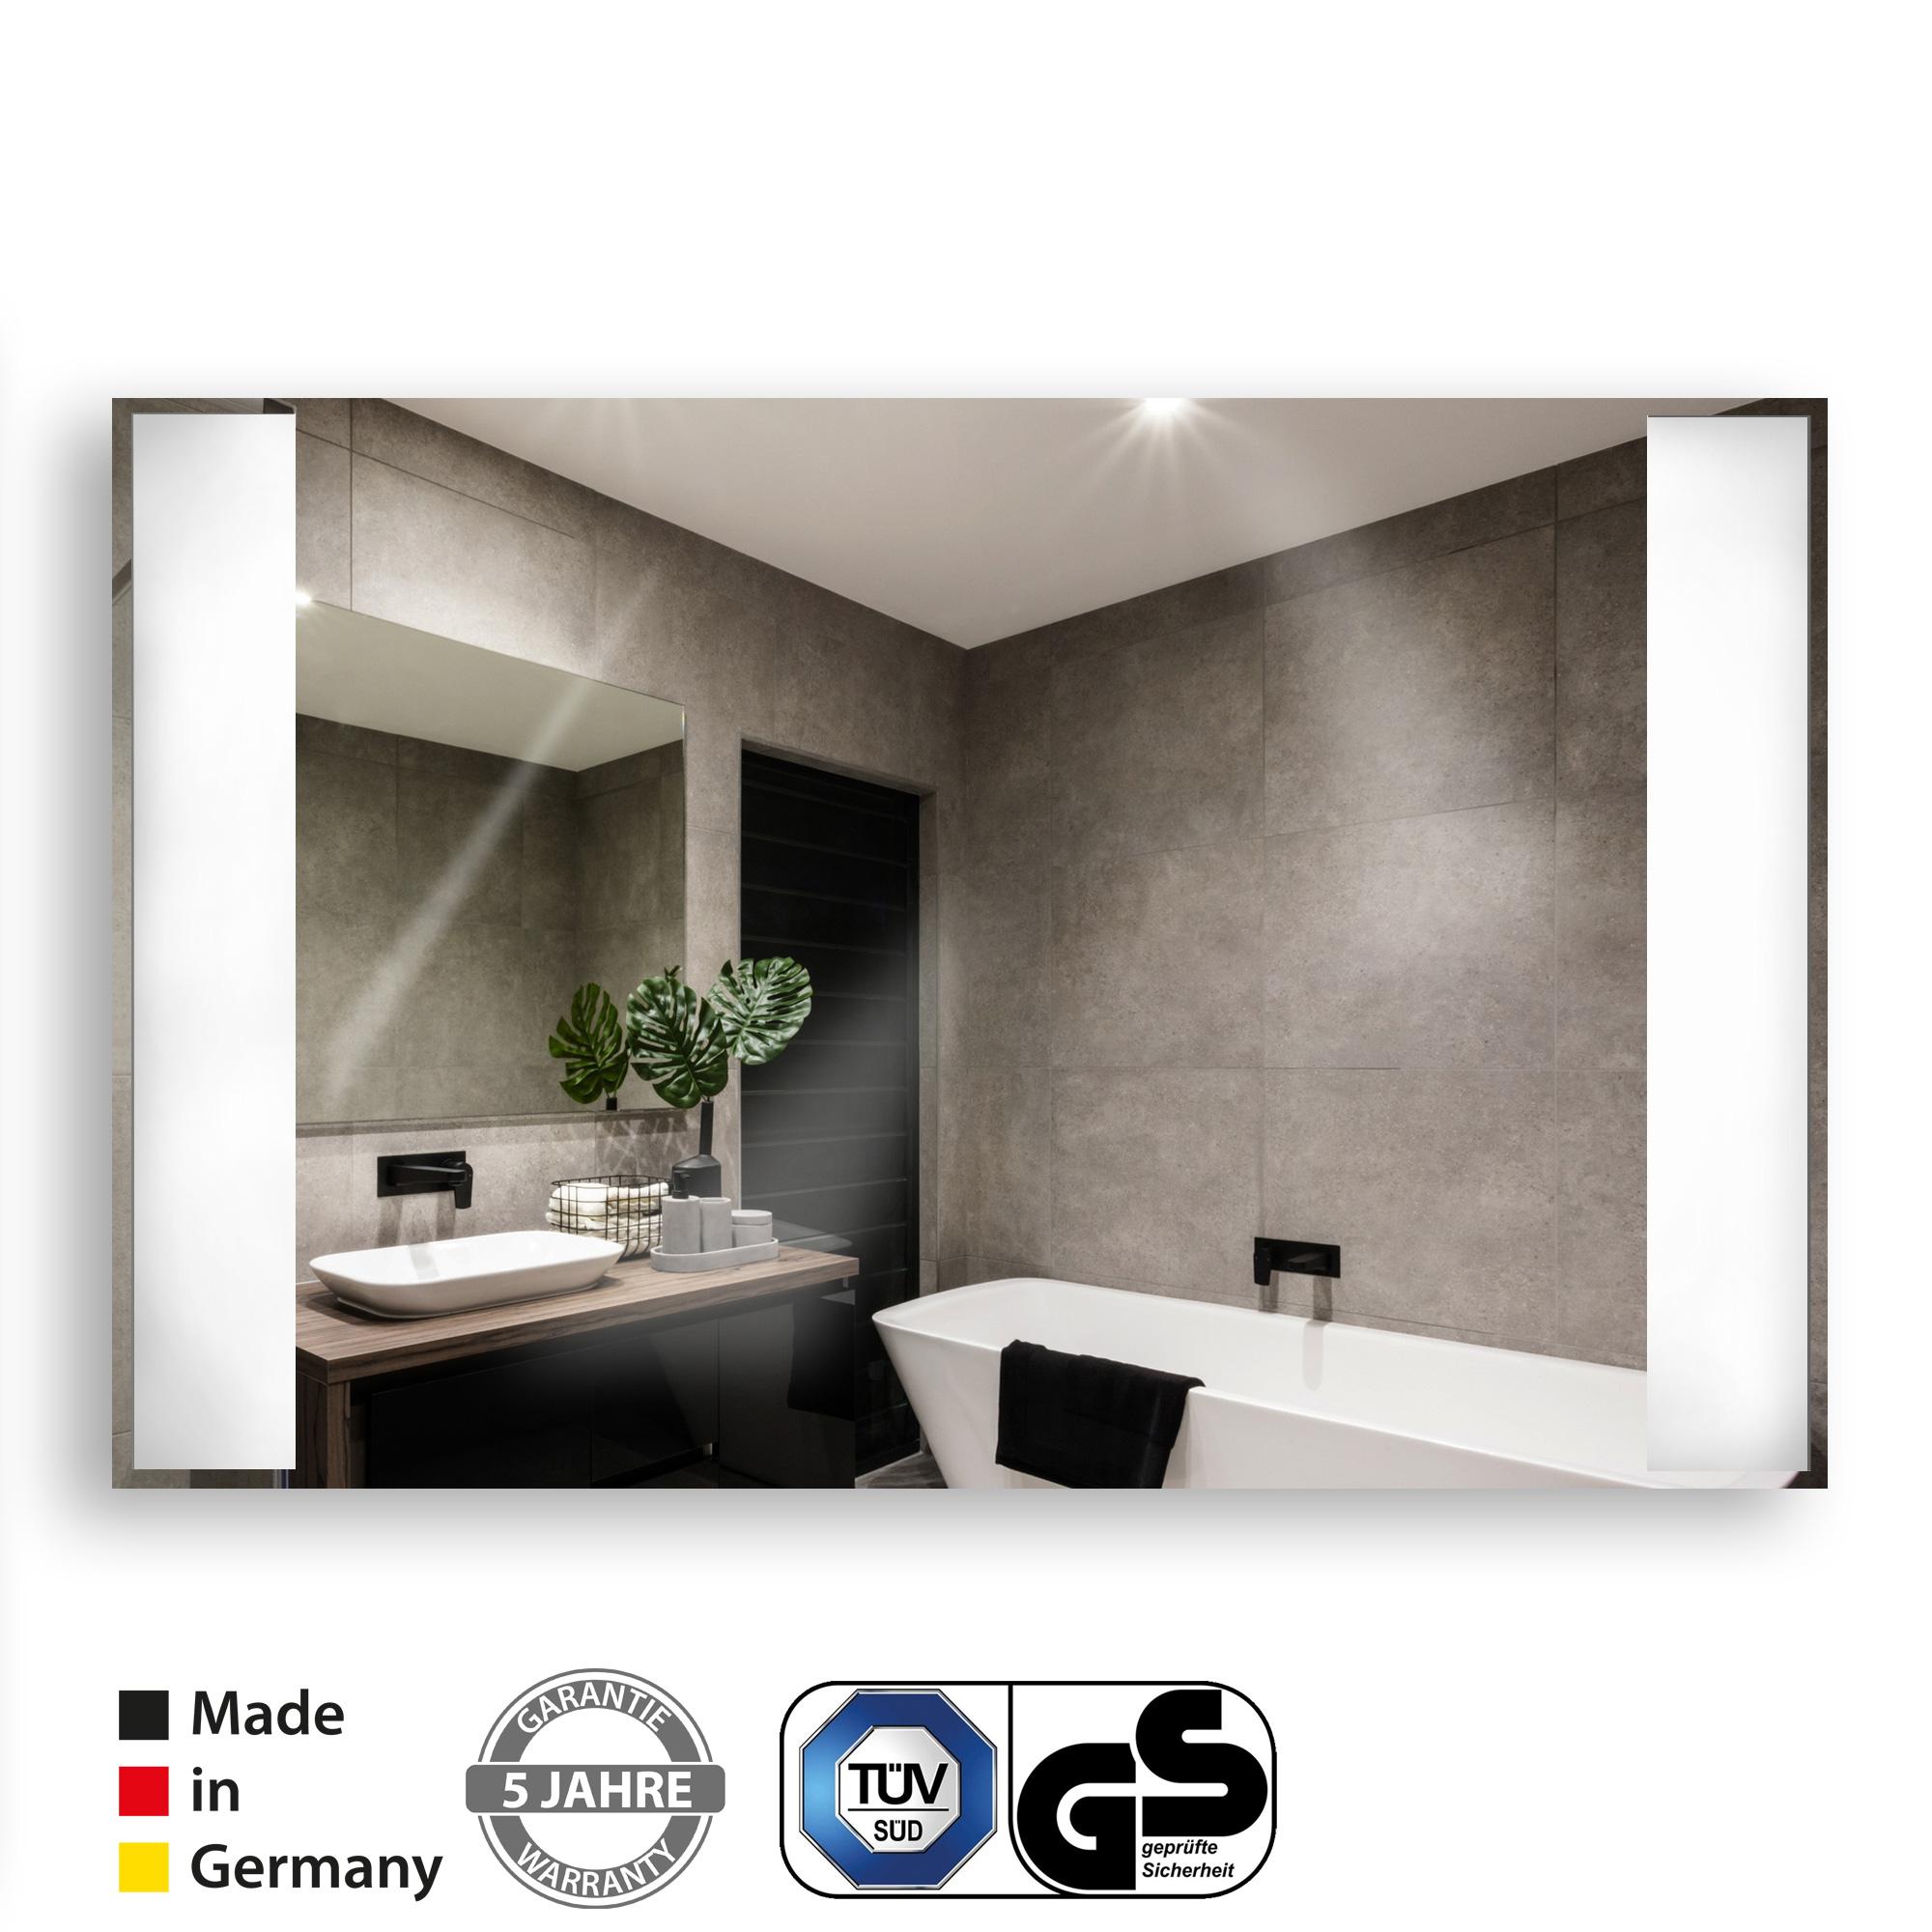 VASNER-Zipris-S-LED-Spiegel-Infrarotheizung Stilvolle Spiegel Mit Integrierter Beleuchtung Dekorationen